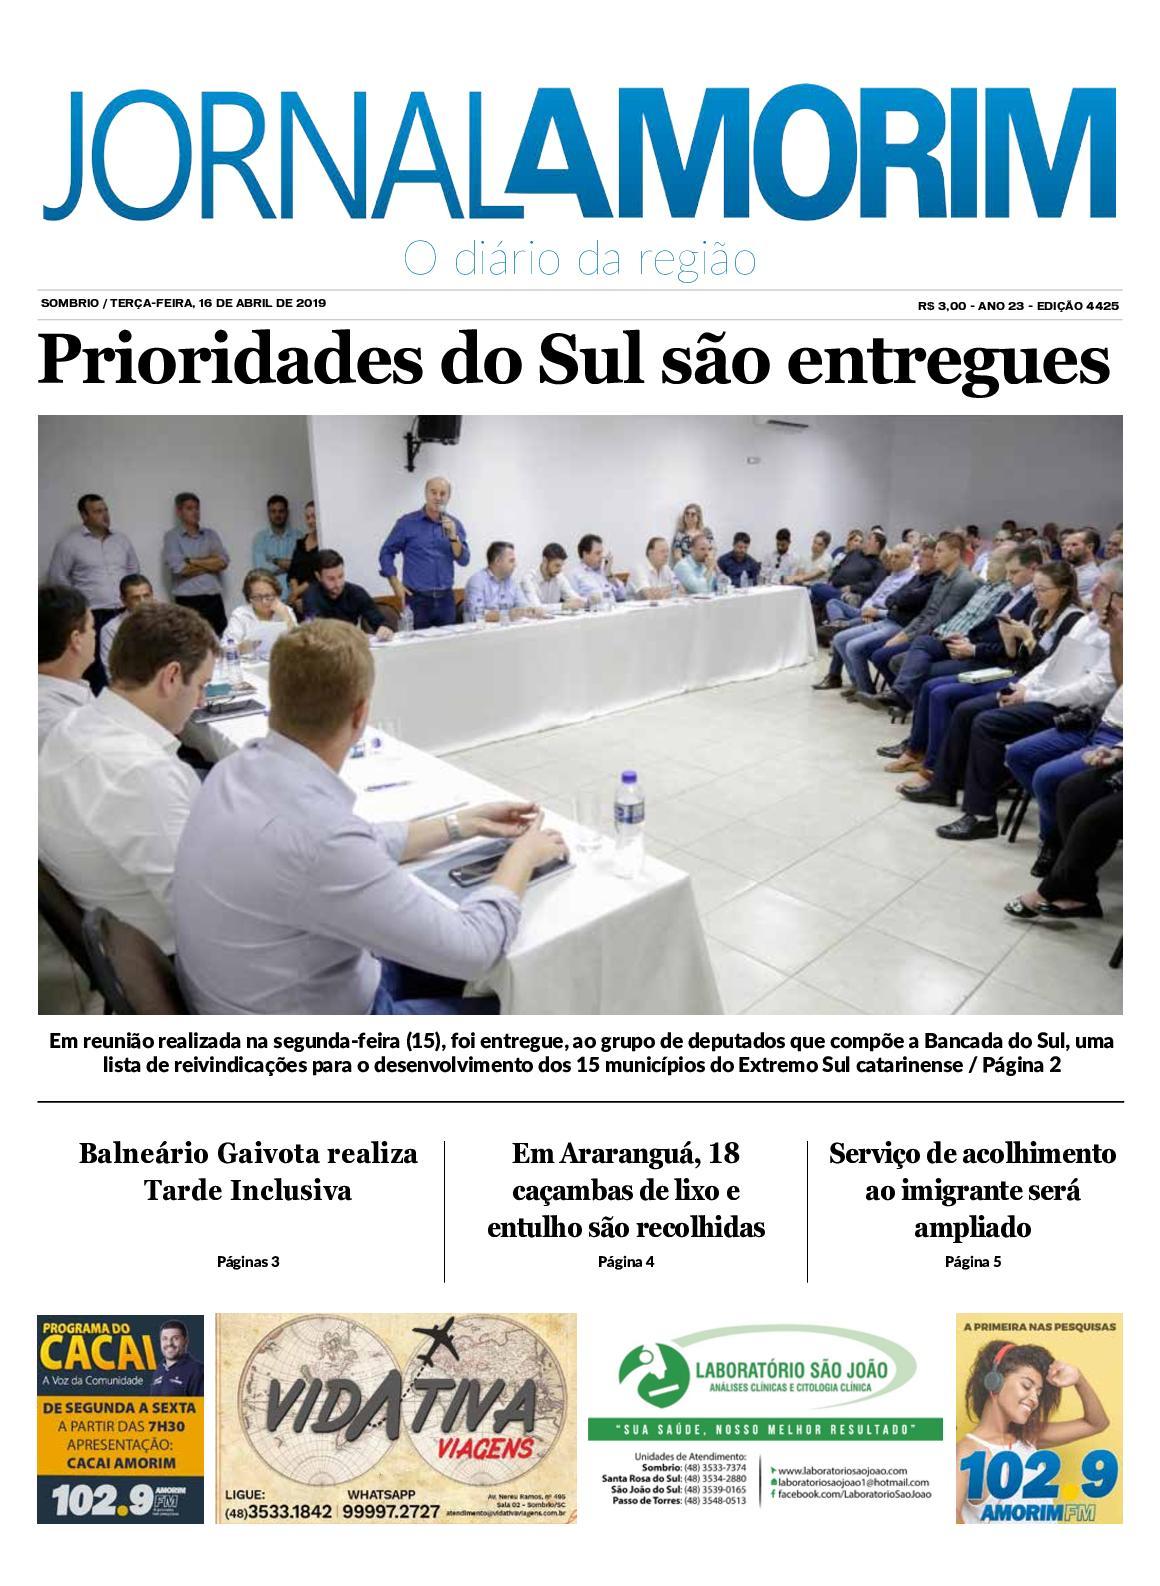 Jornal Amorim 16-04-19